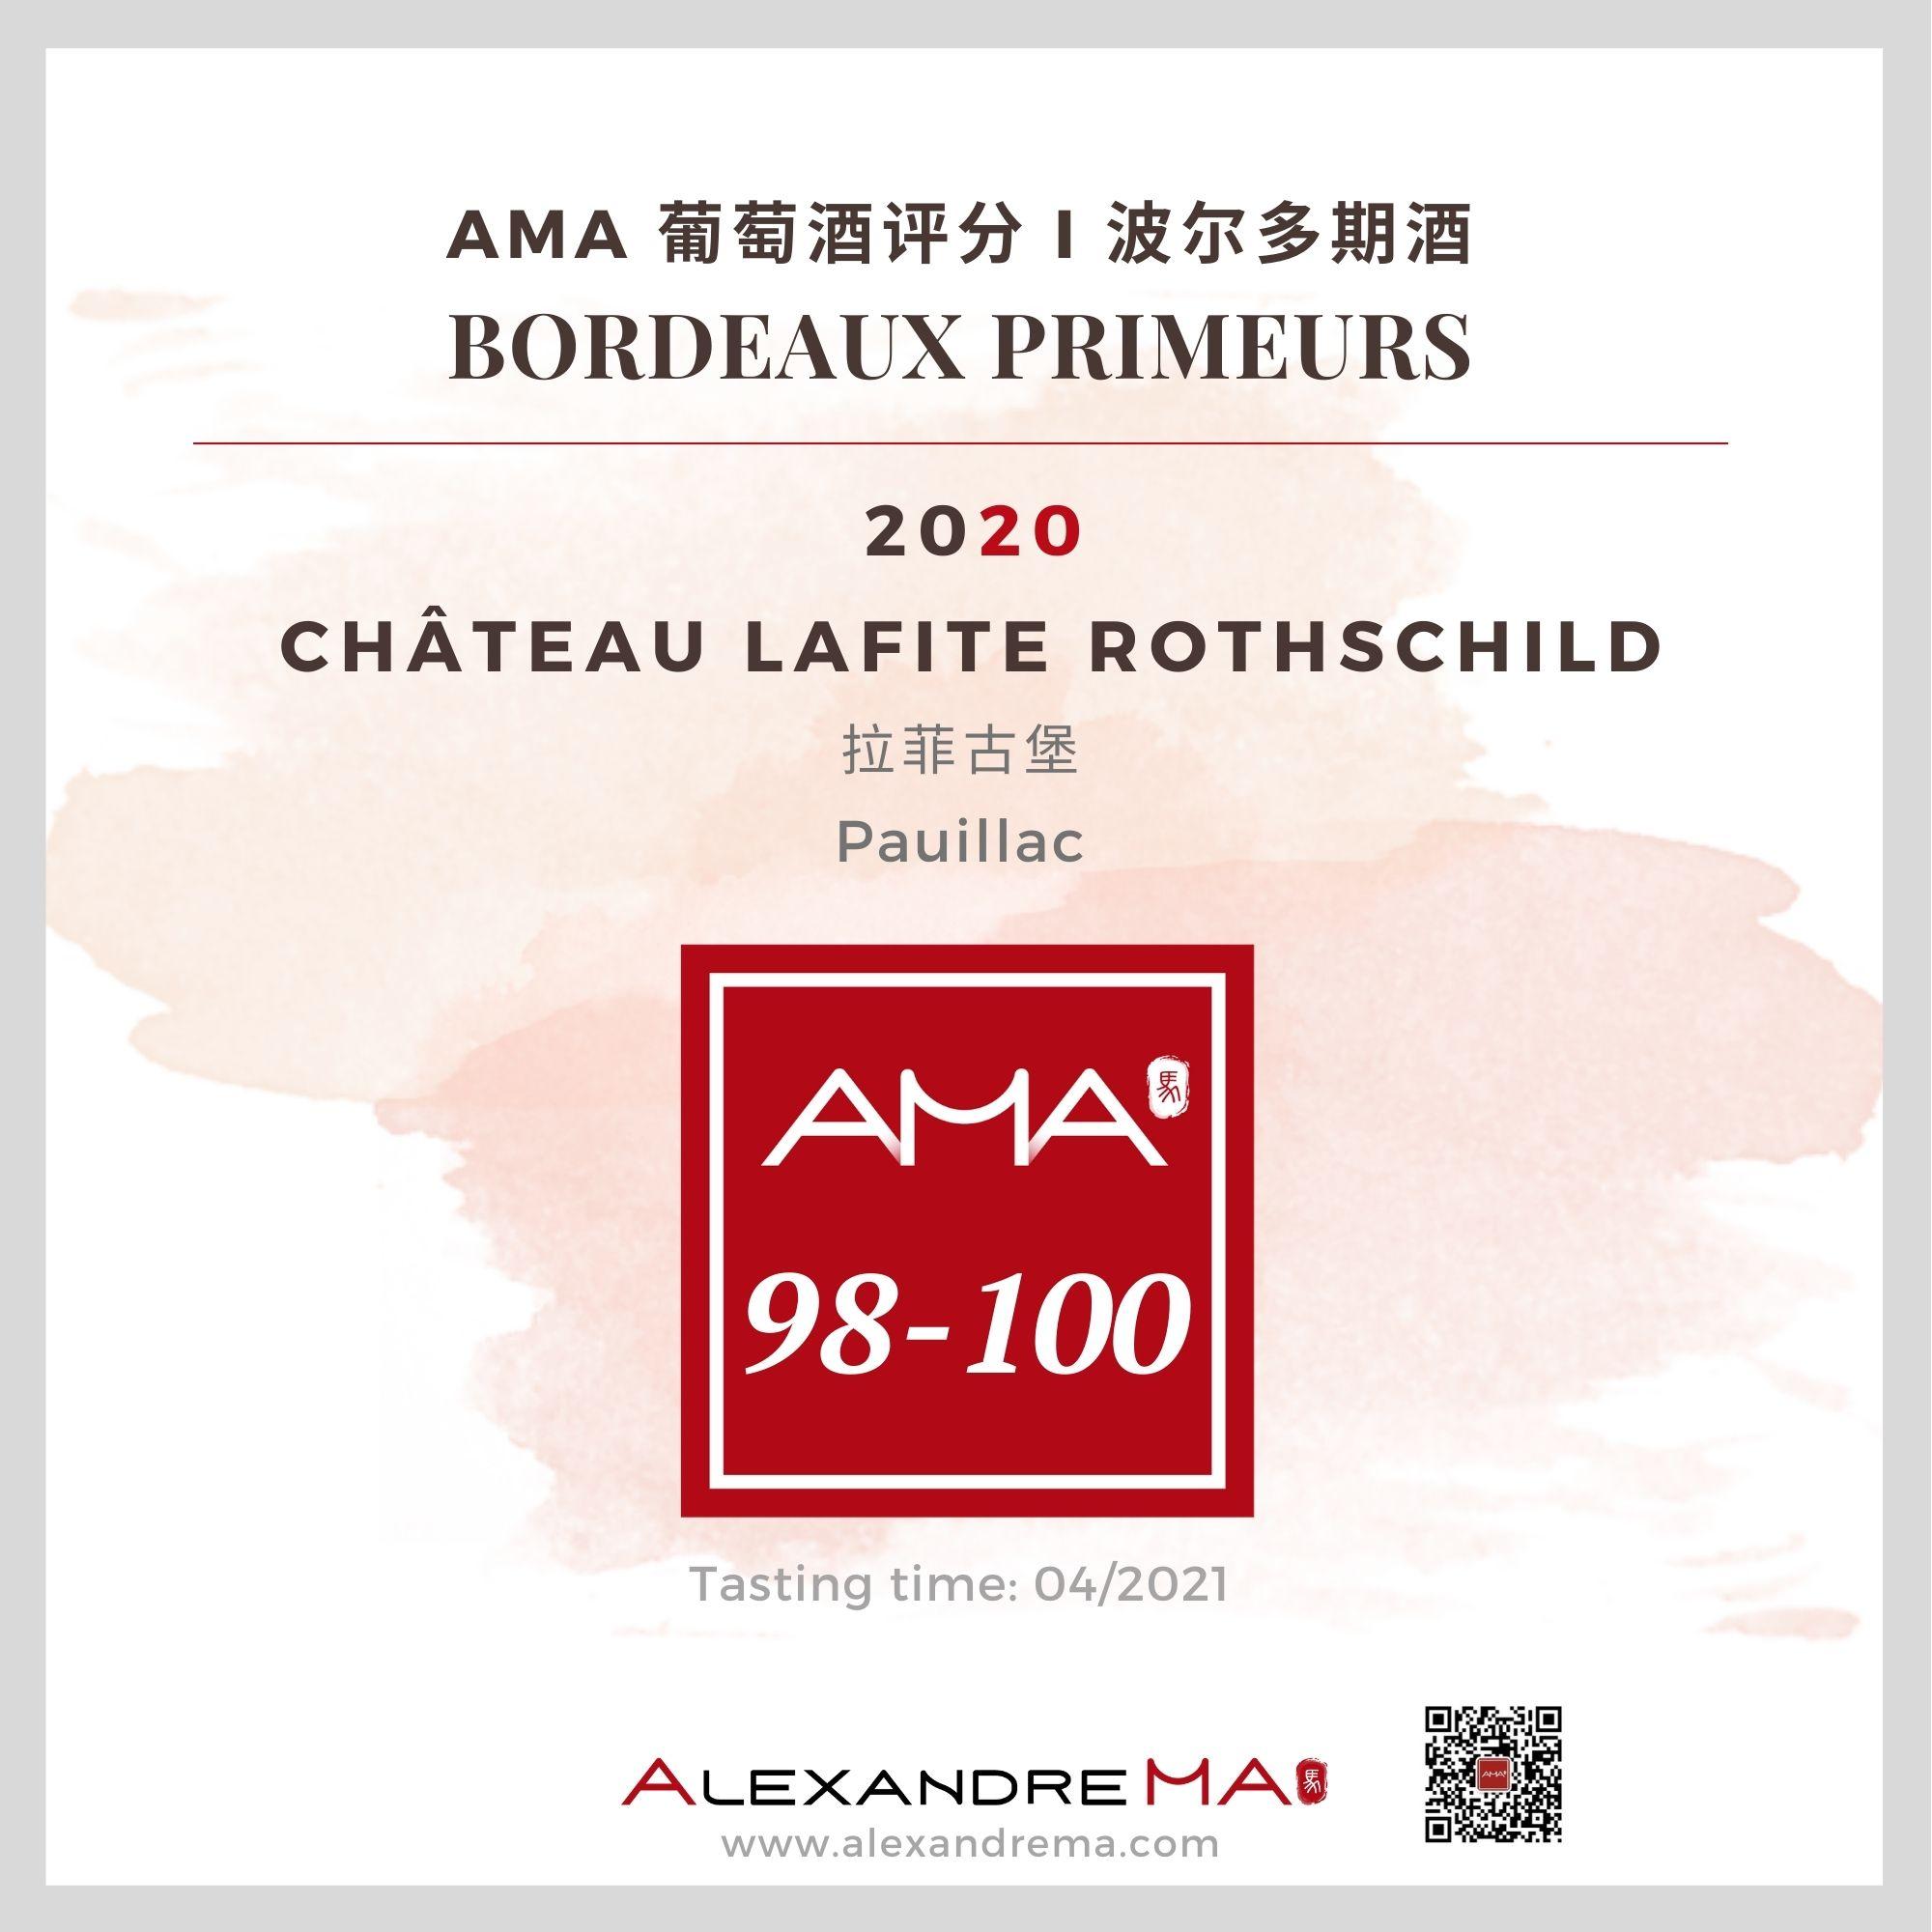 Château Lafite Rothschild 2020 - Alexandre MA